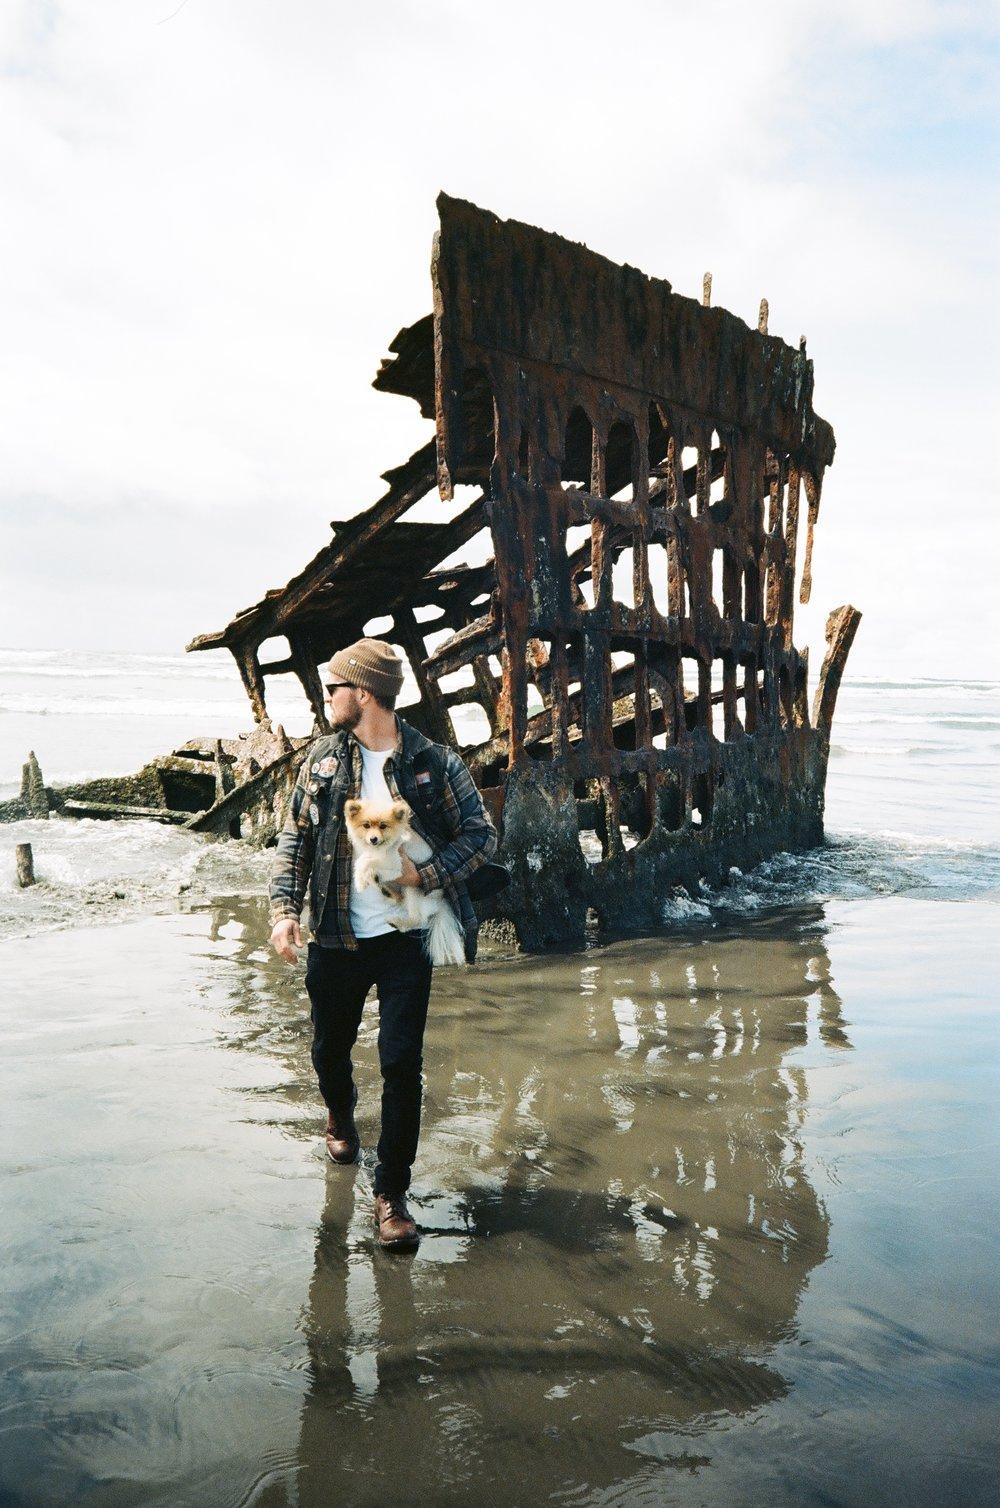 Toby Grubb x Shipwreck x Gus